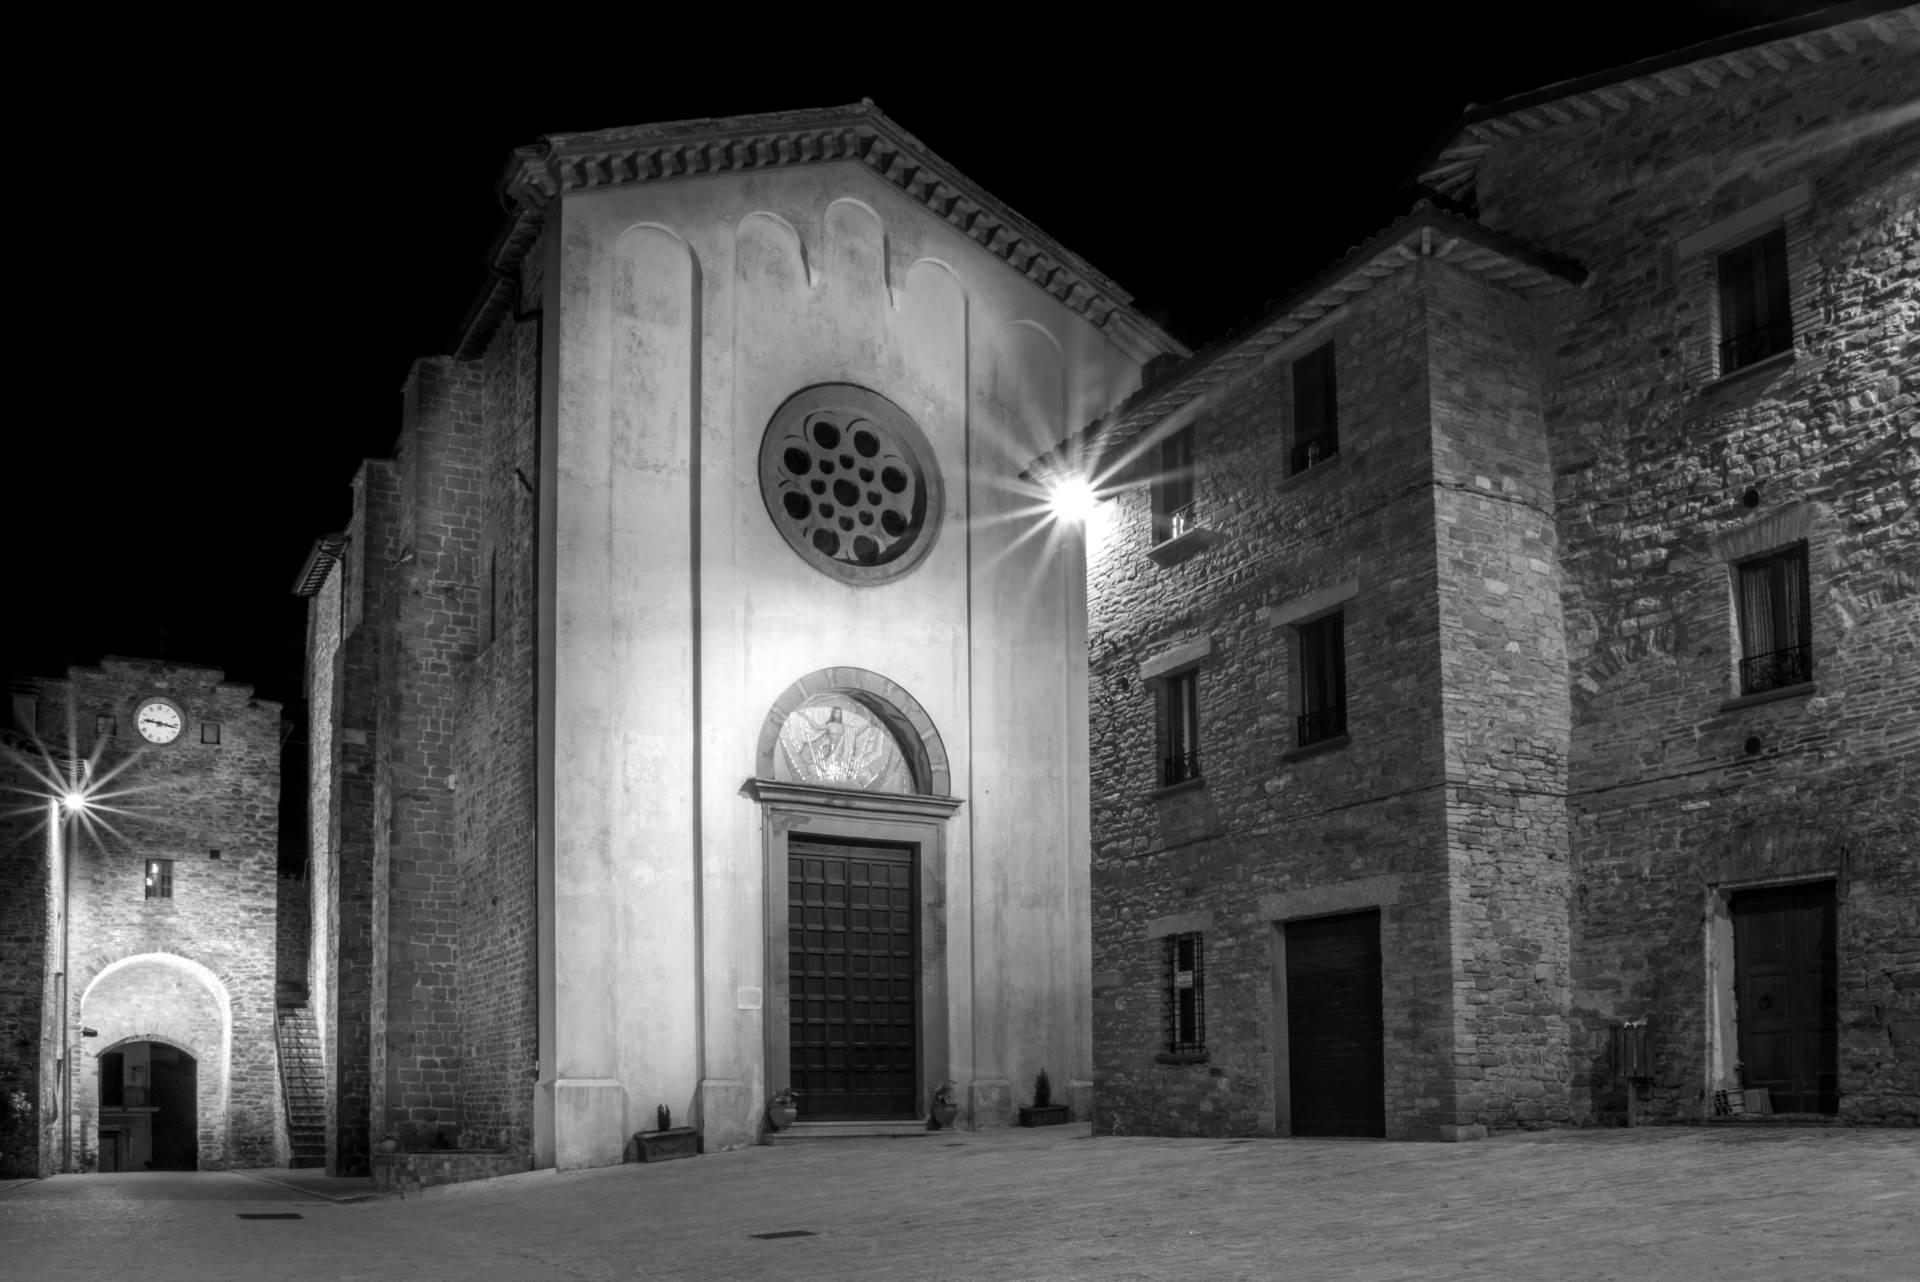 piazza-24-maggio-casacastalda-borgo-medievale-gray